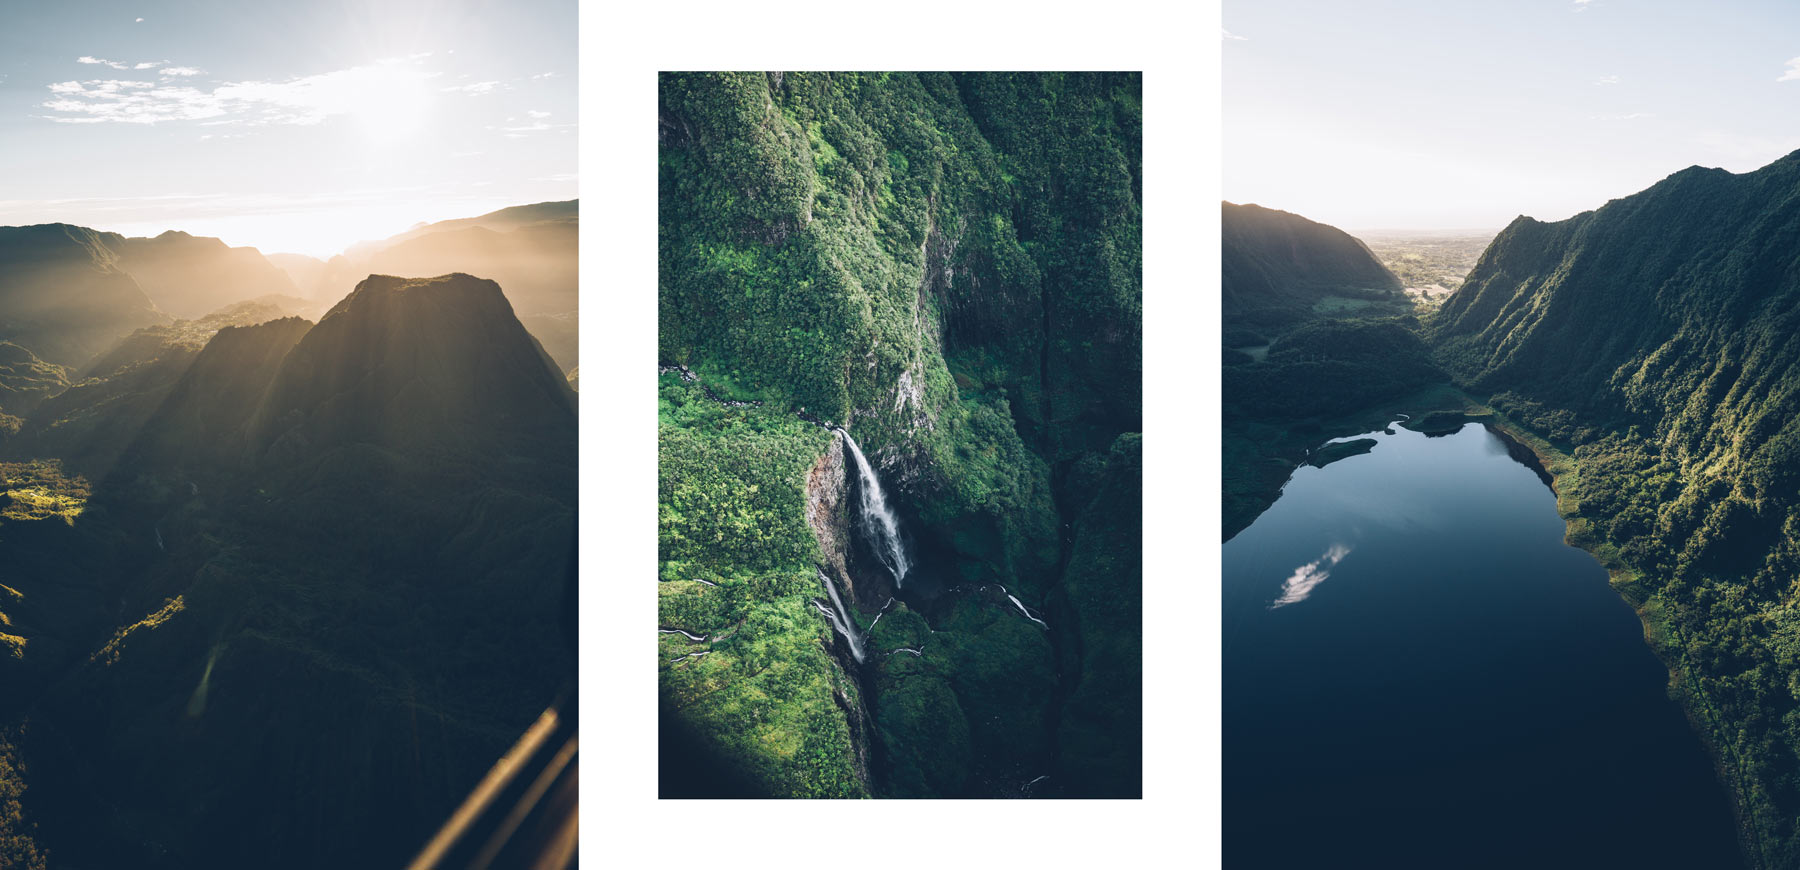 Vol en hélico au dessus de la Réunion